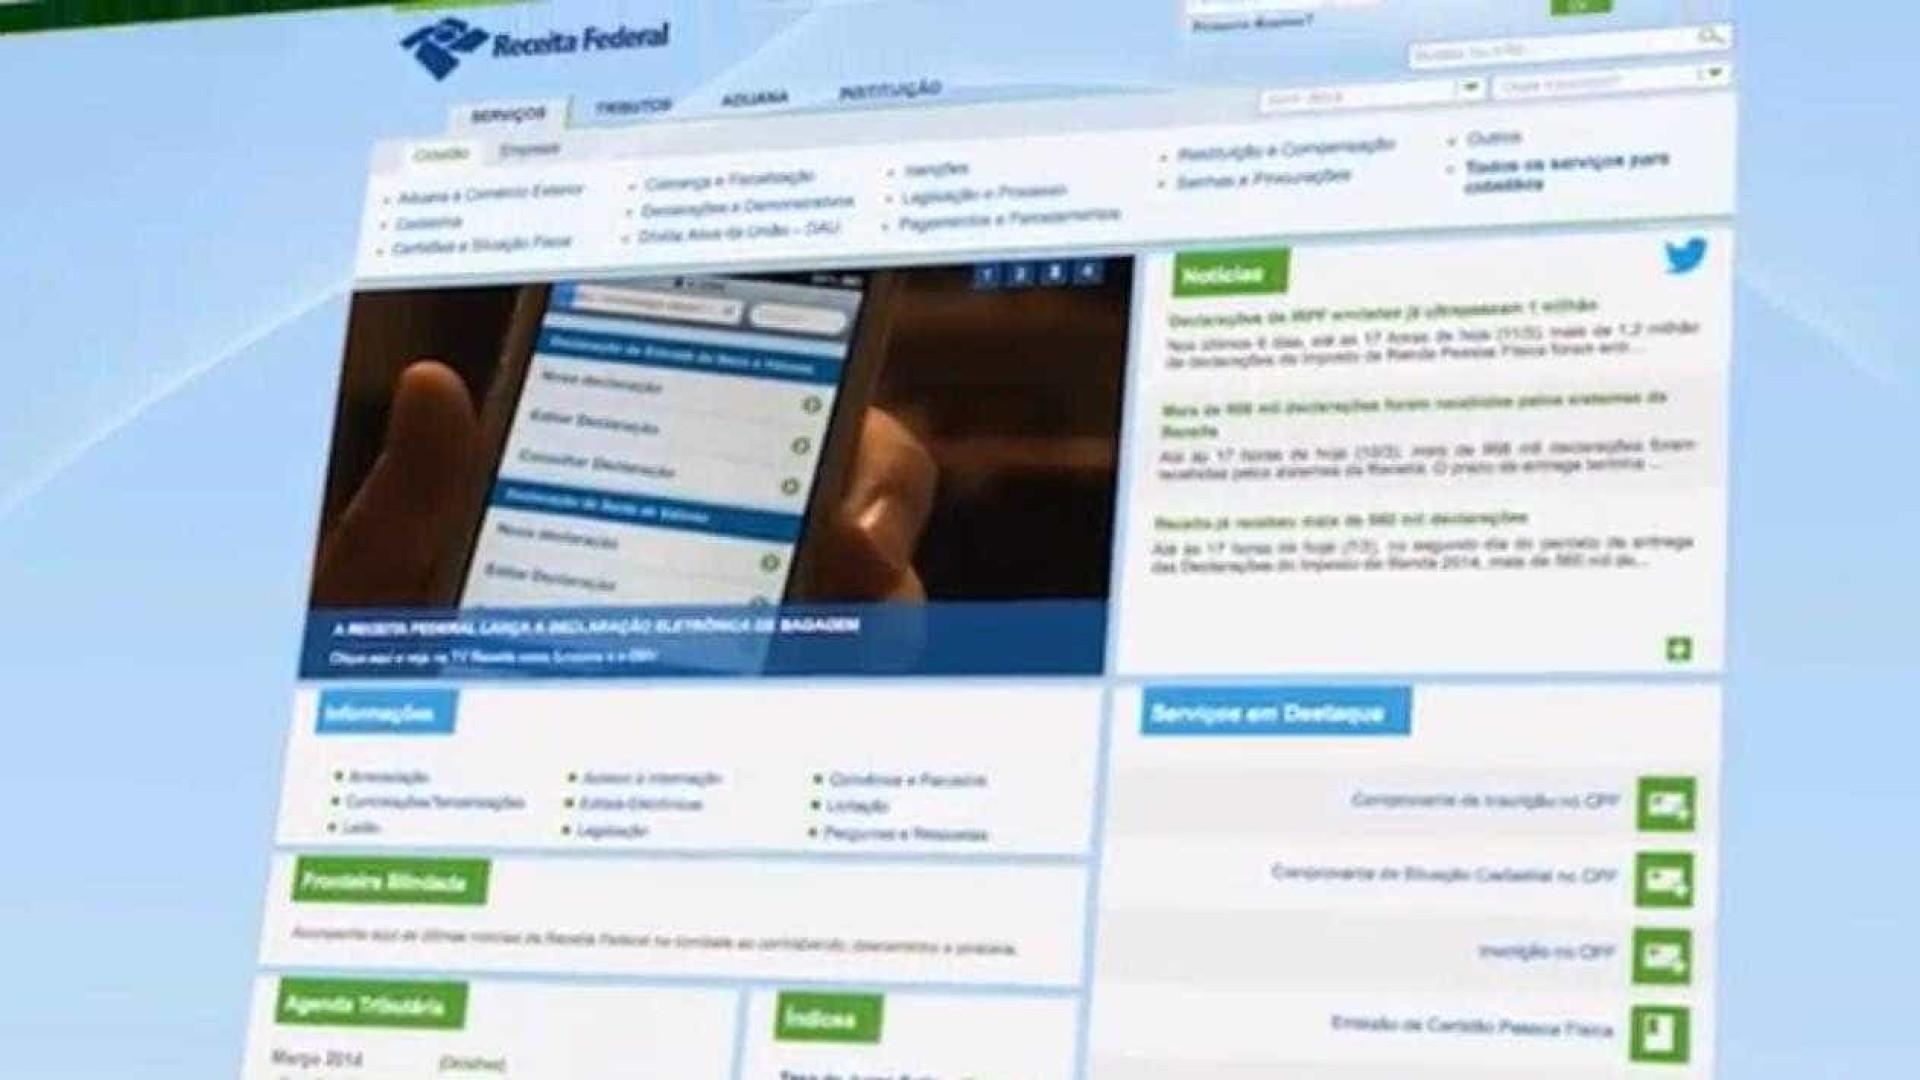 Metade dos contribuintes ainda não enviou declaração de renda ao Fisco